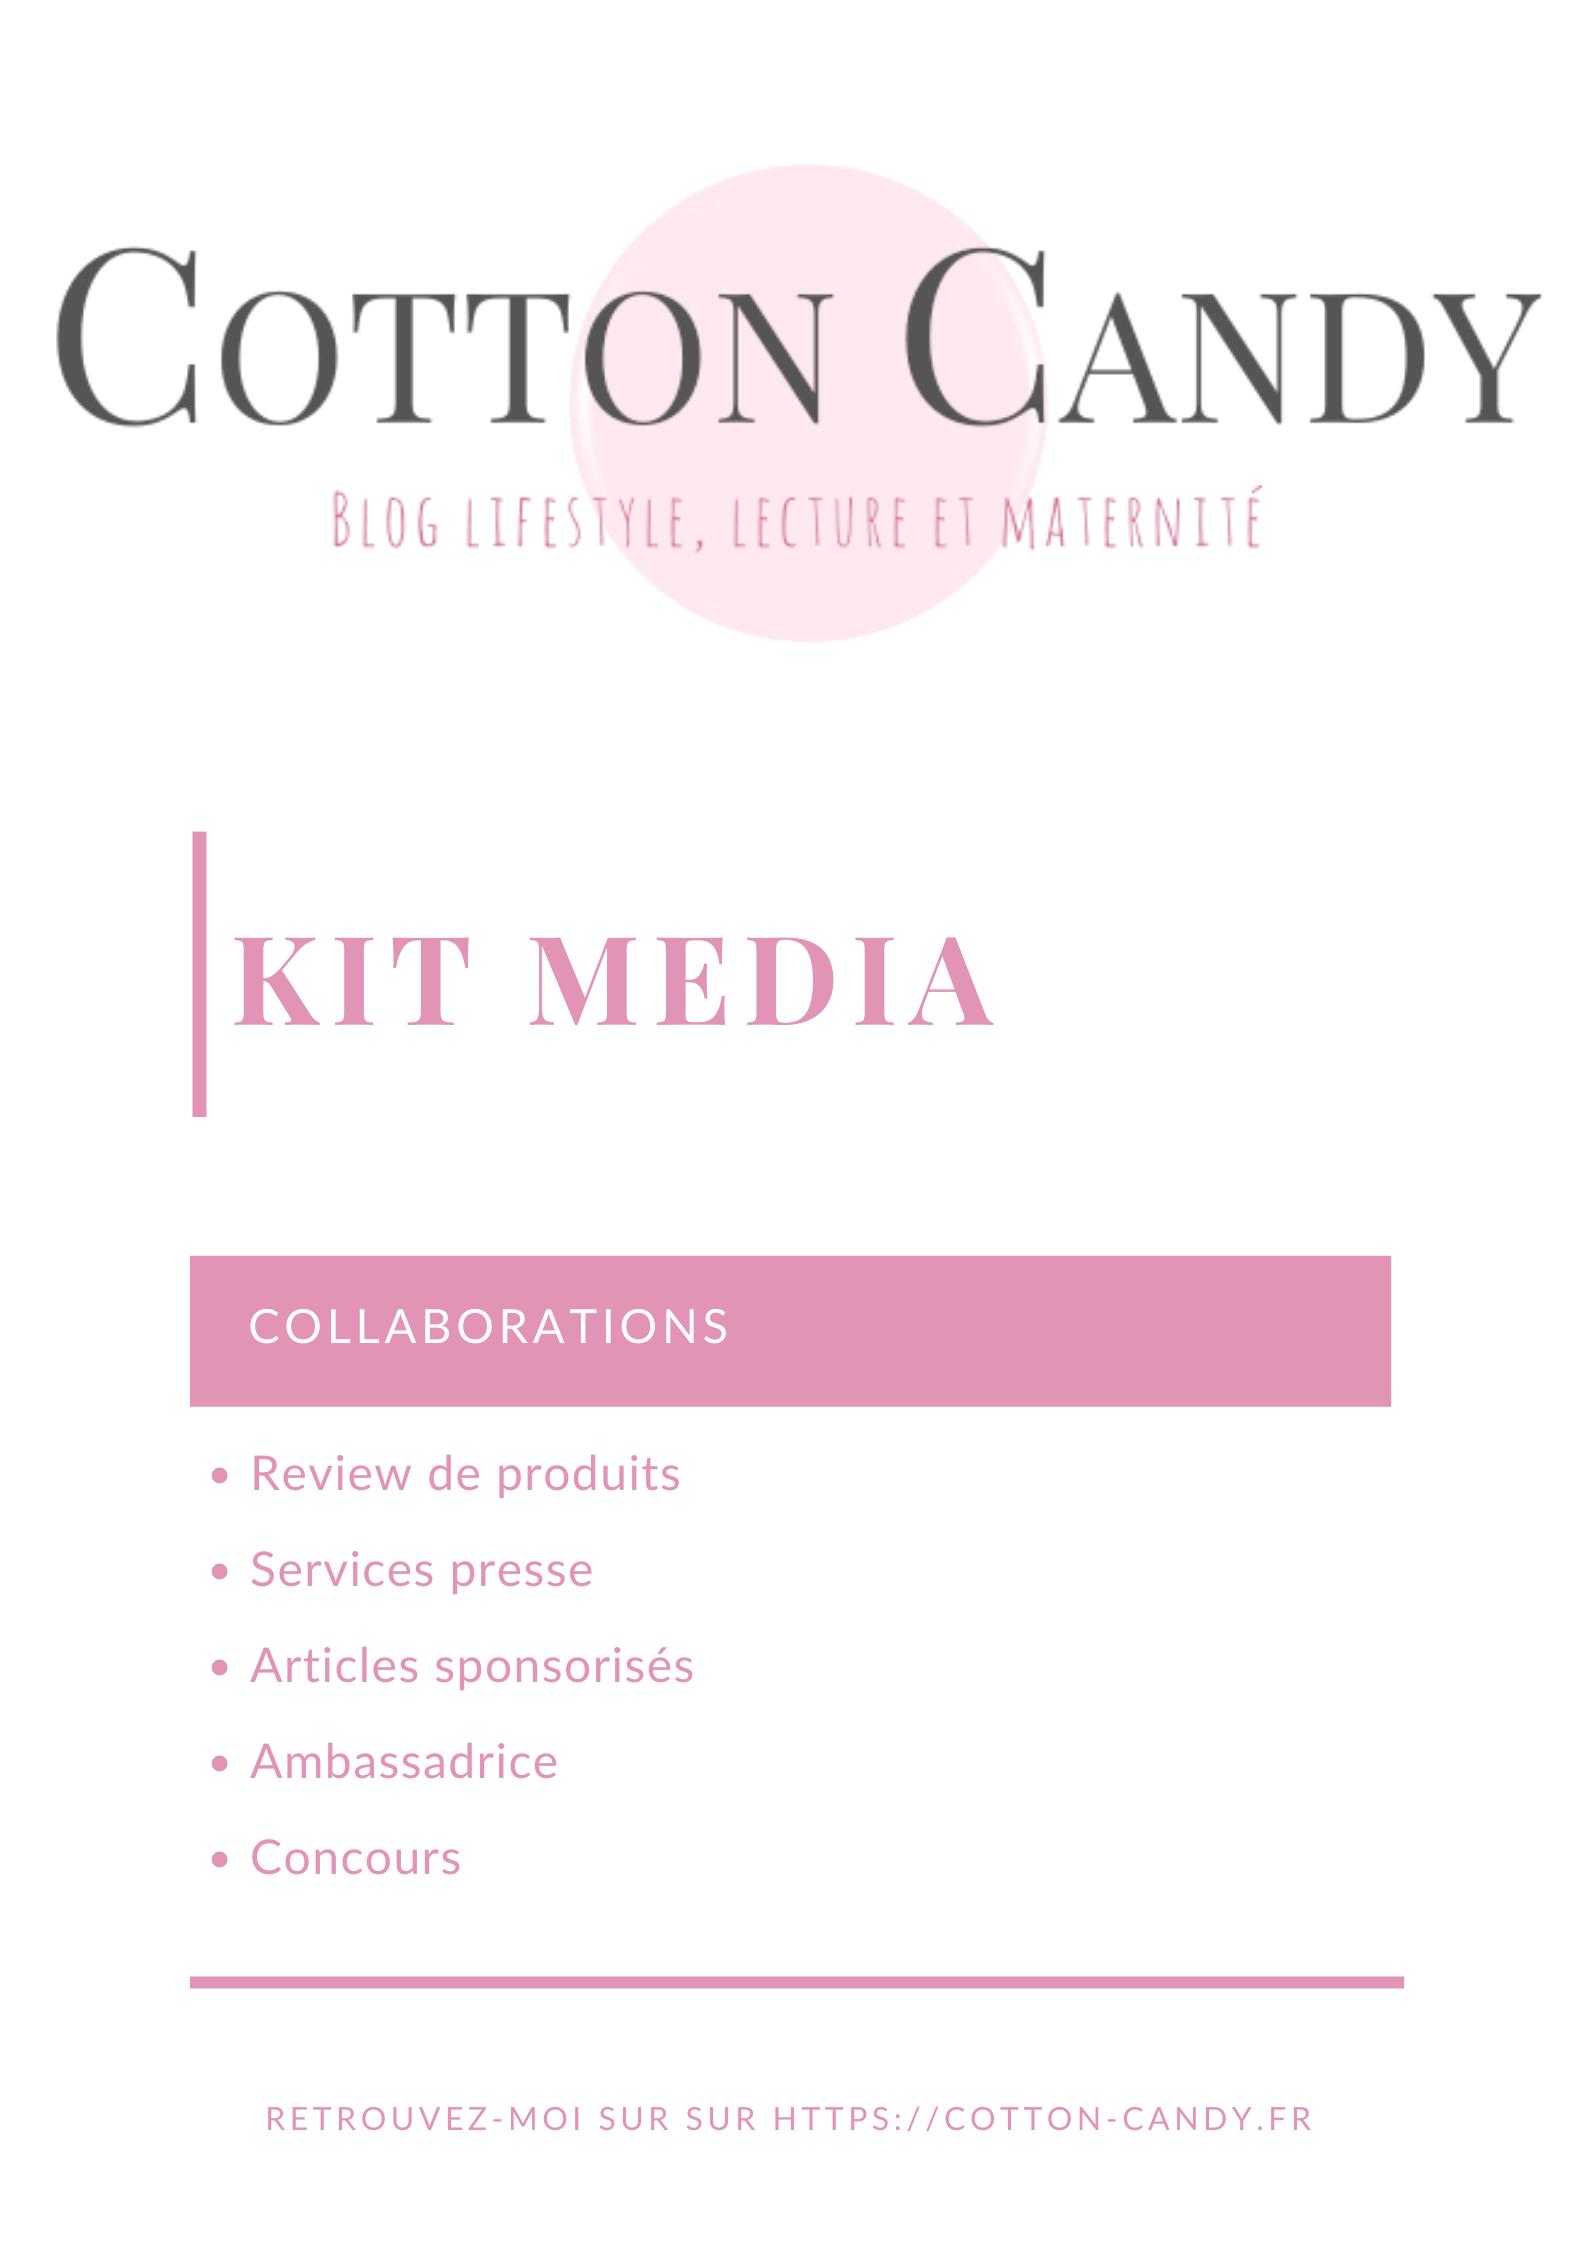 Kit Media visuel avril 2020 - COTTON CANDY blog lifestyle lecture et maternité